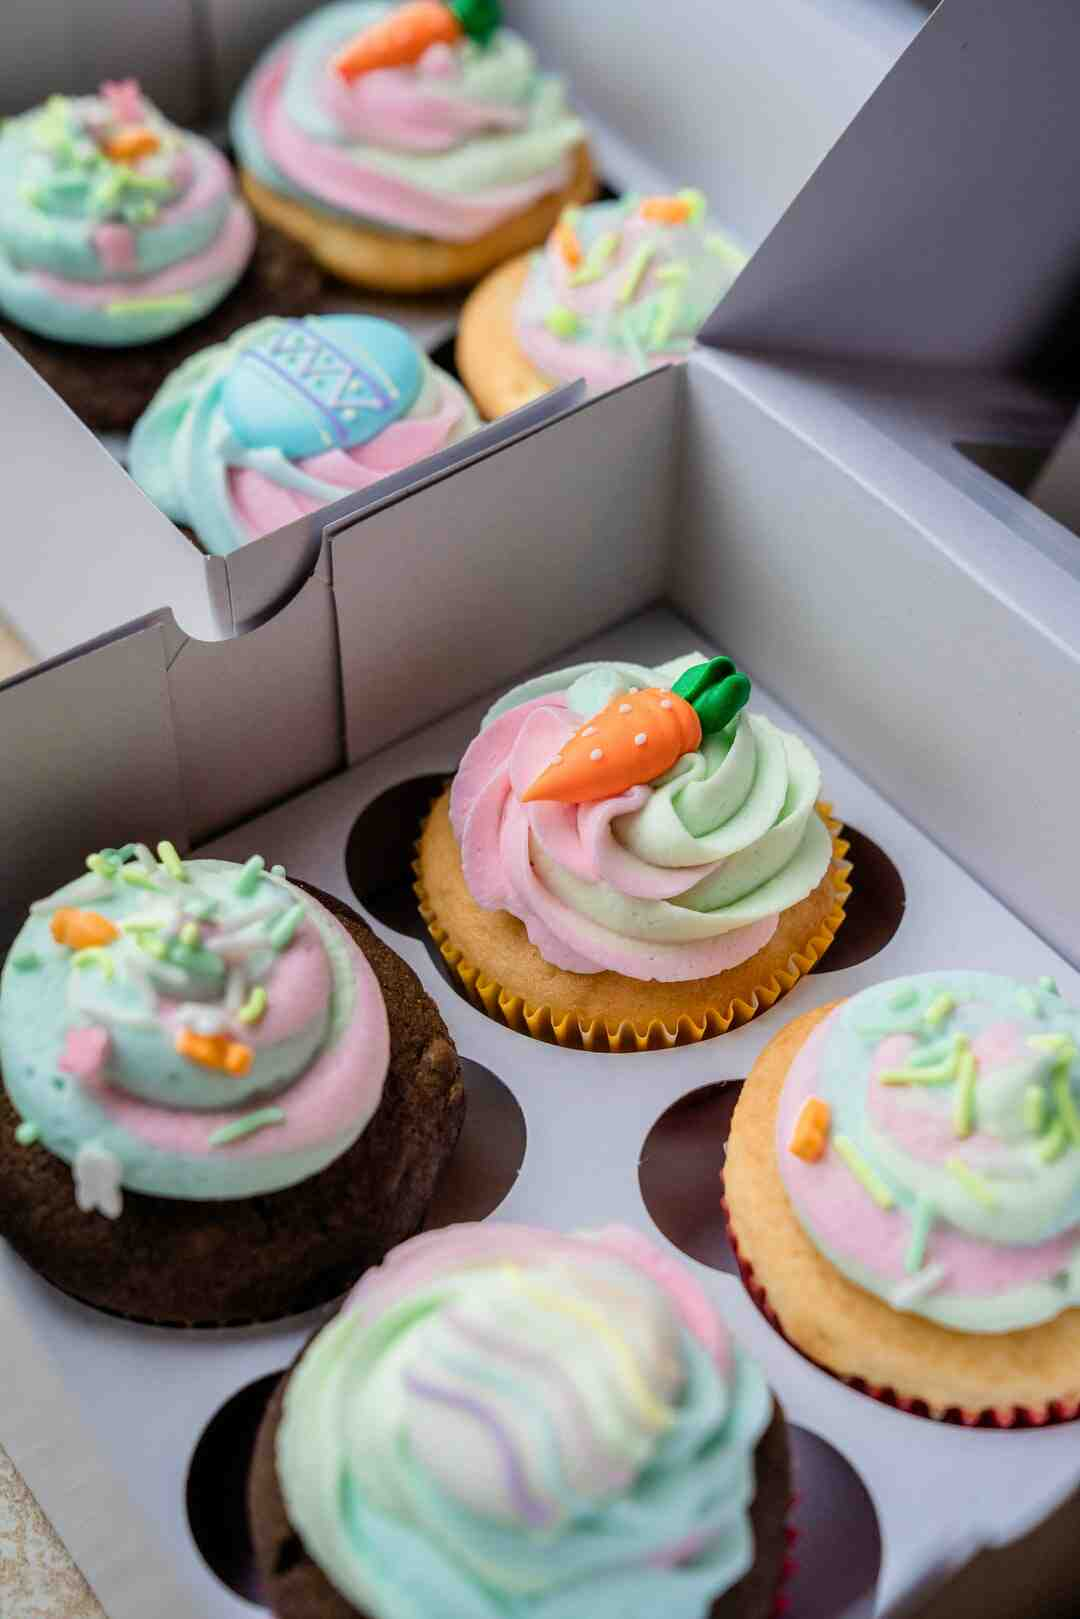 Comment évider un cupcake ?